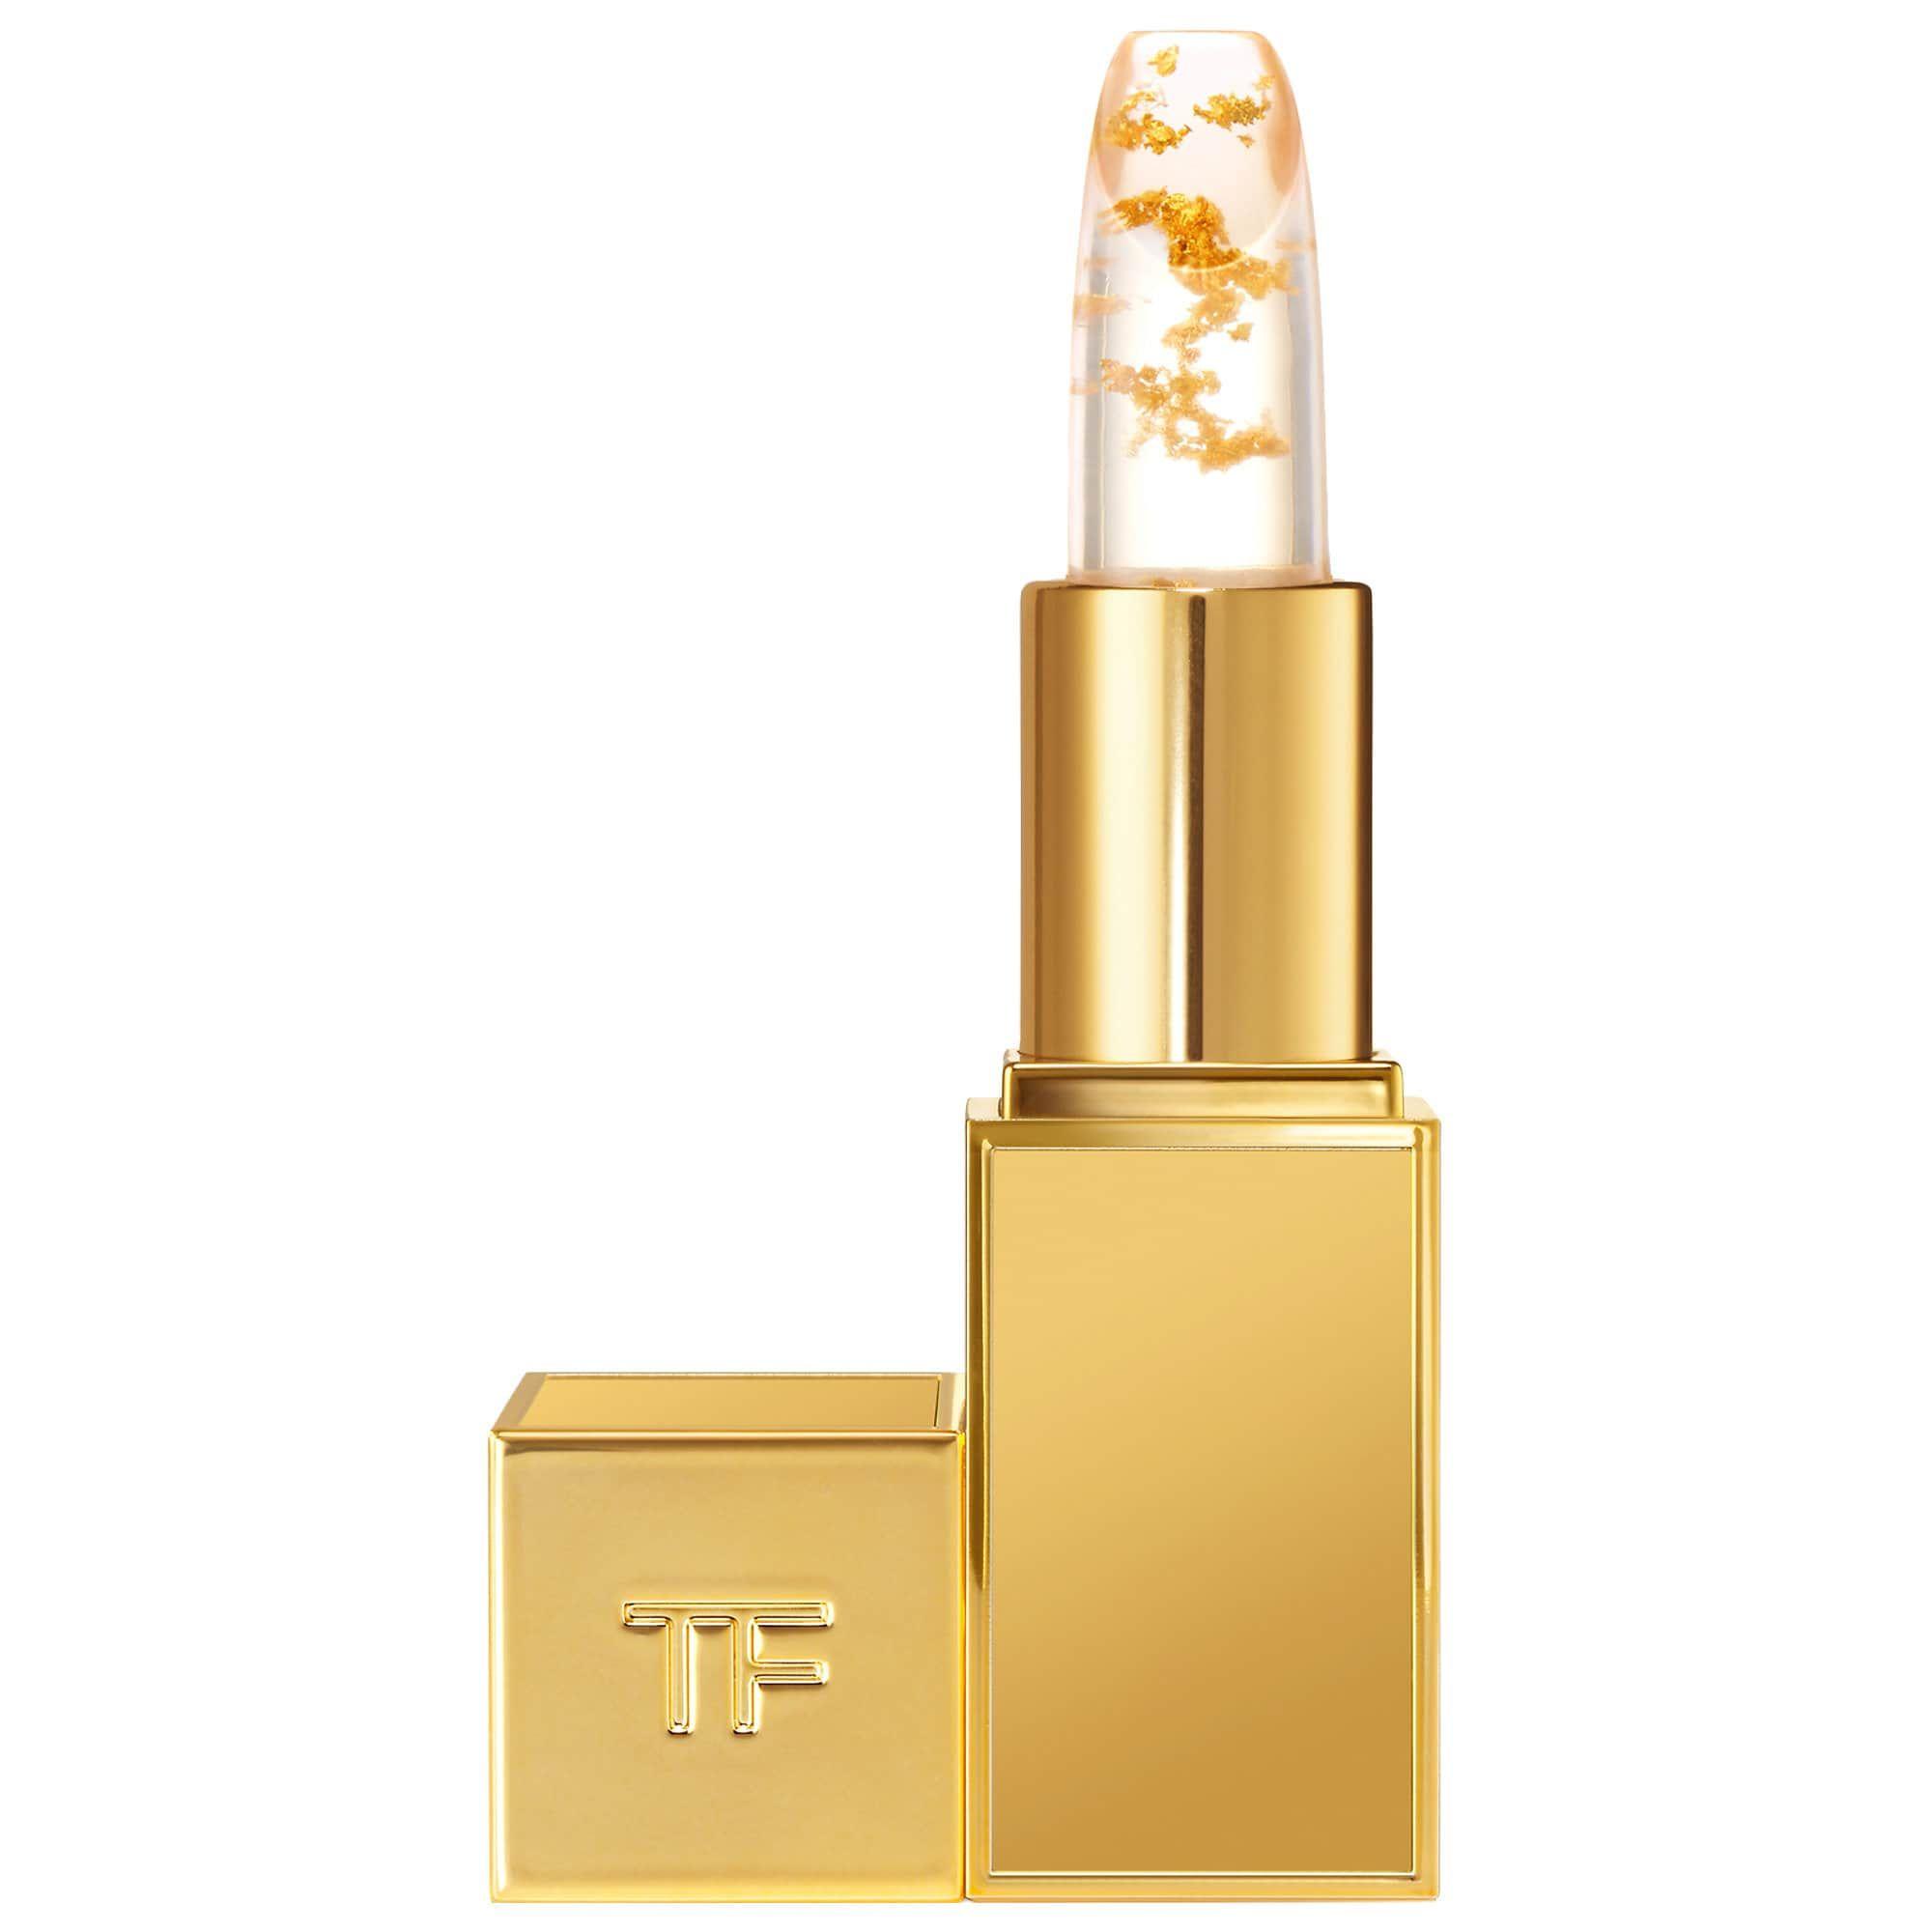 92244896e3fef TOM FORD 24K Lip Blush